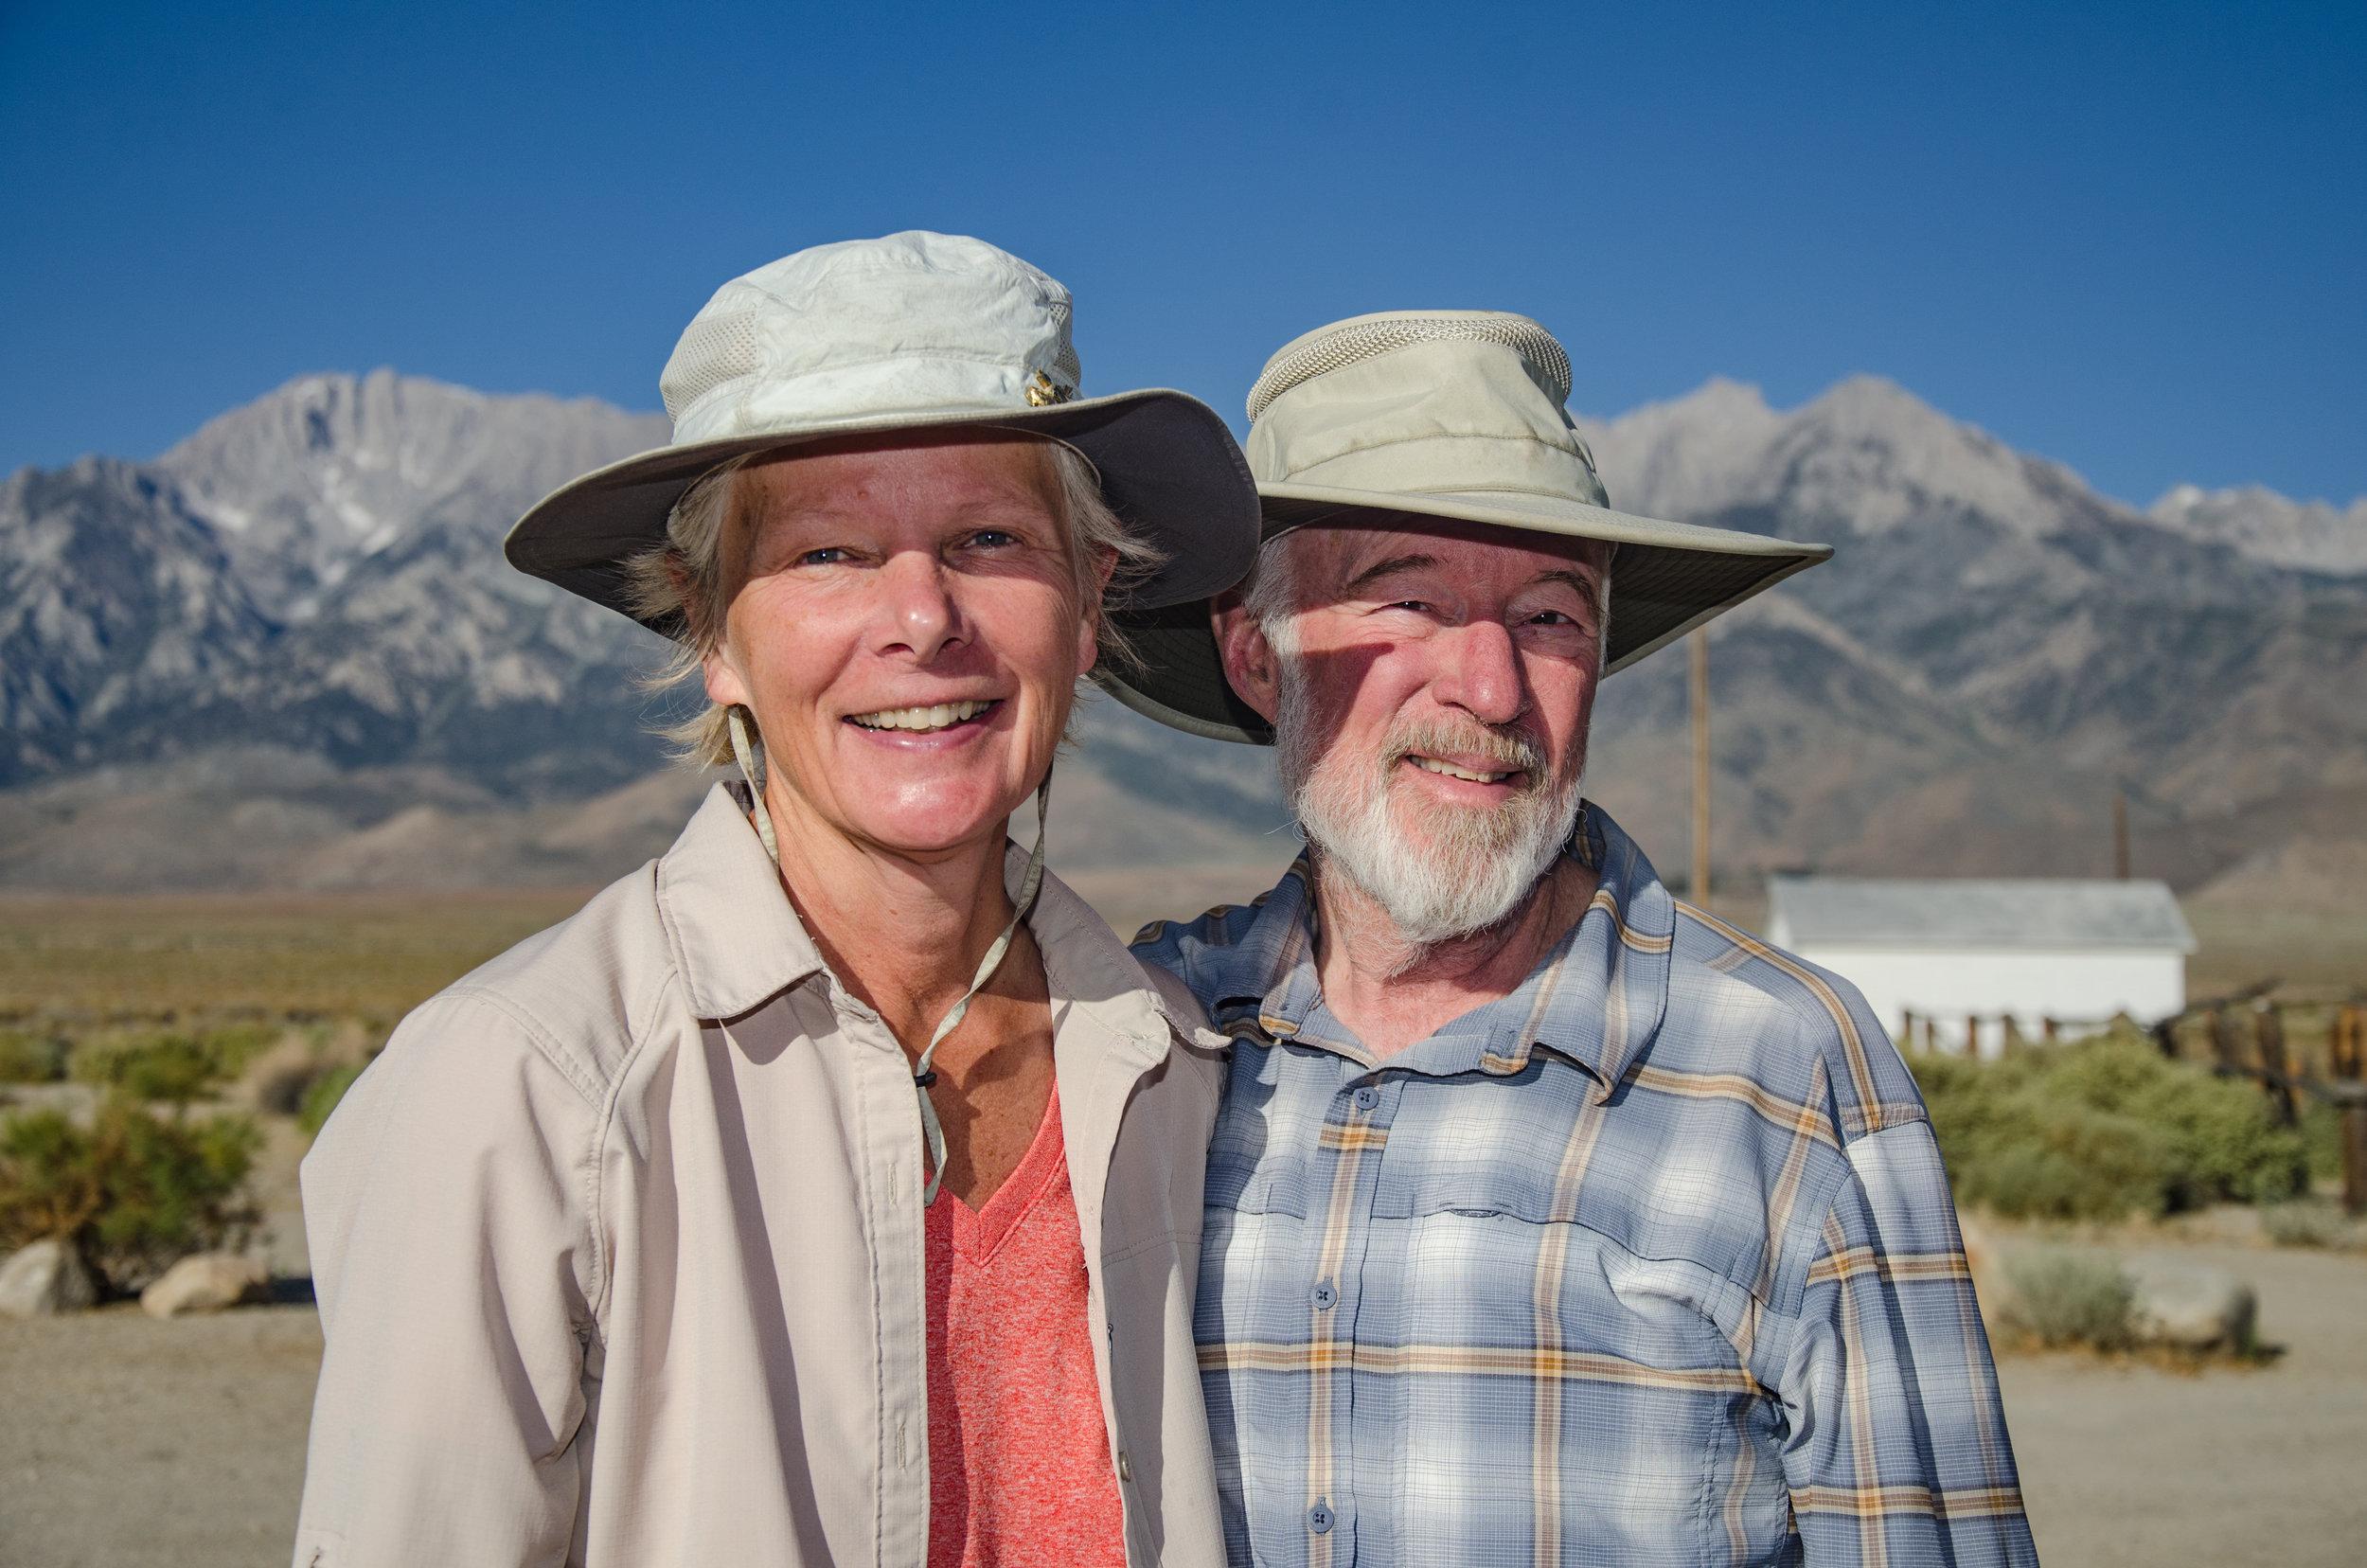 JMT SOBO Hikers Ellen and her partner